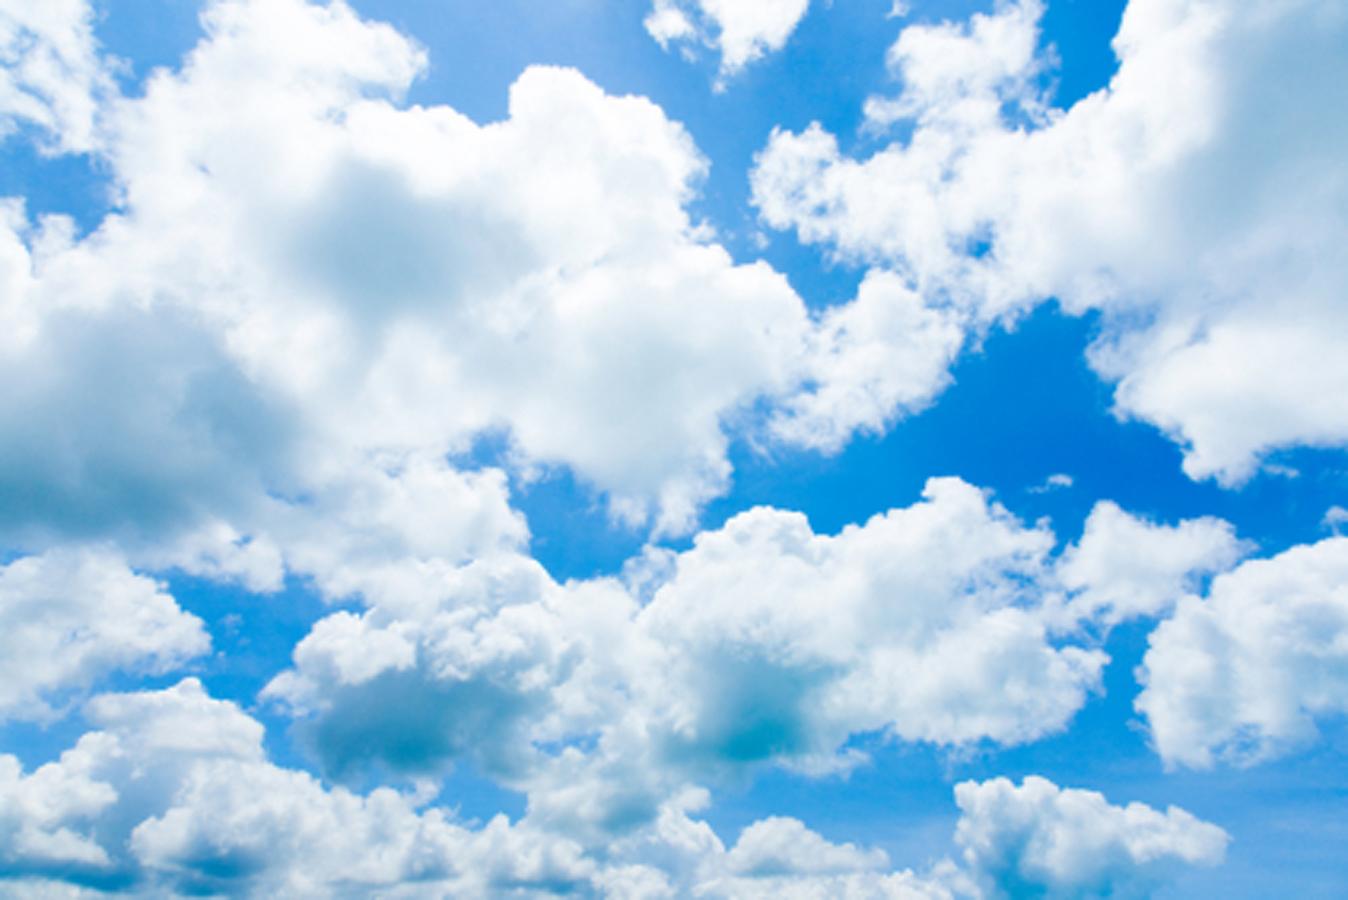 Hình ảnh nhiều đám mây trắng trên nền trời xanh